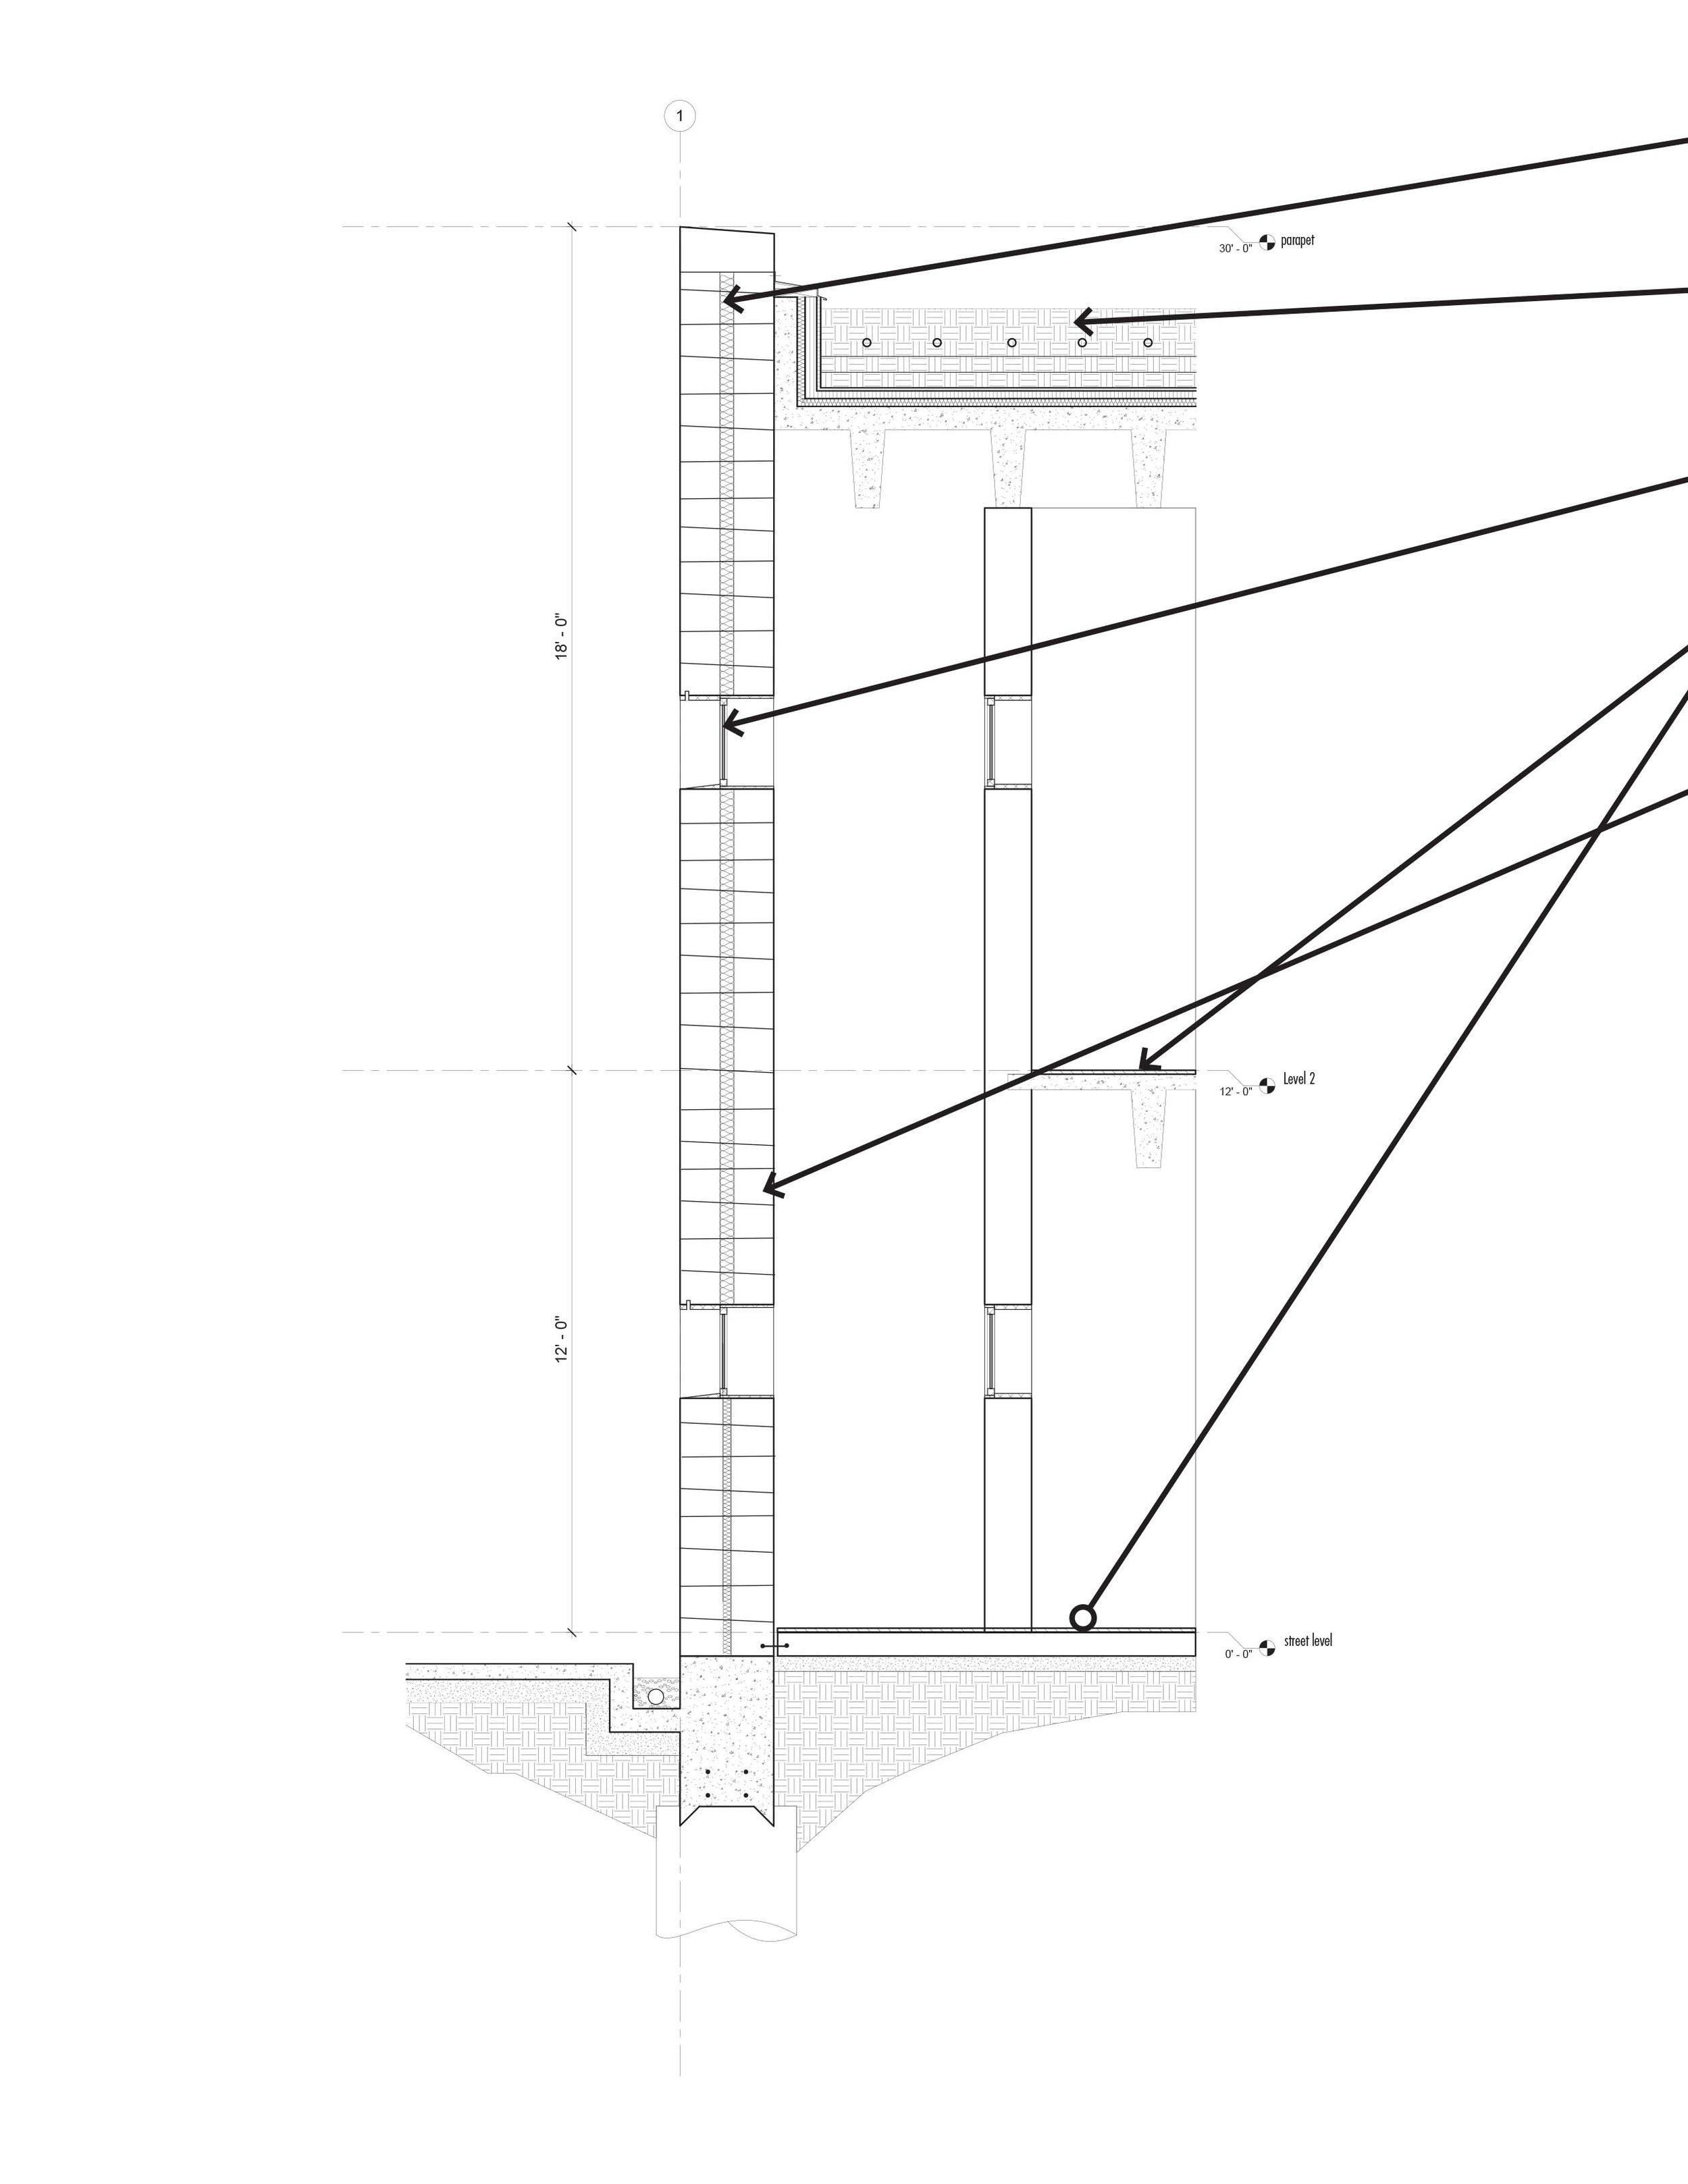 specification-2.jpg